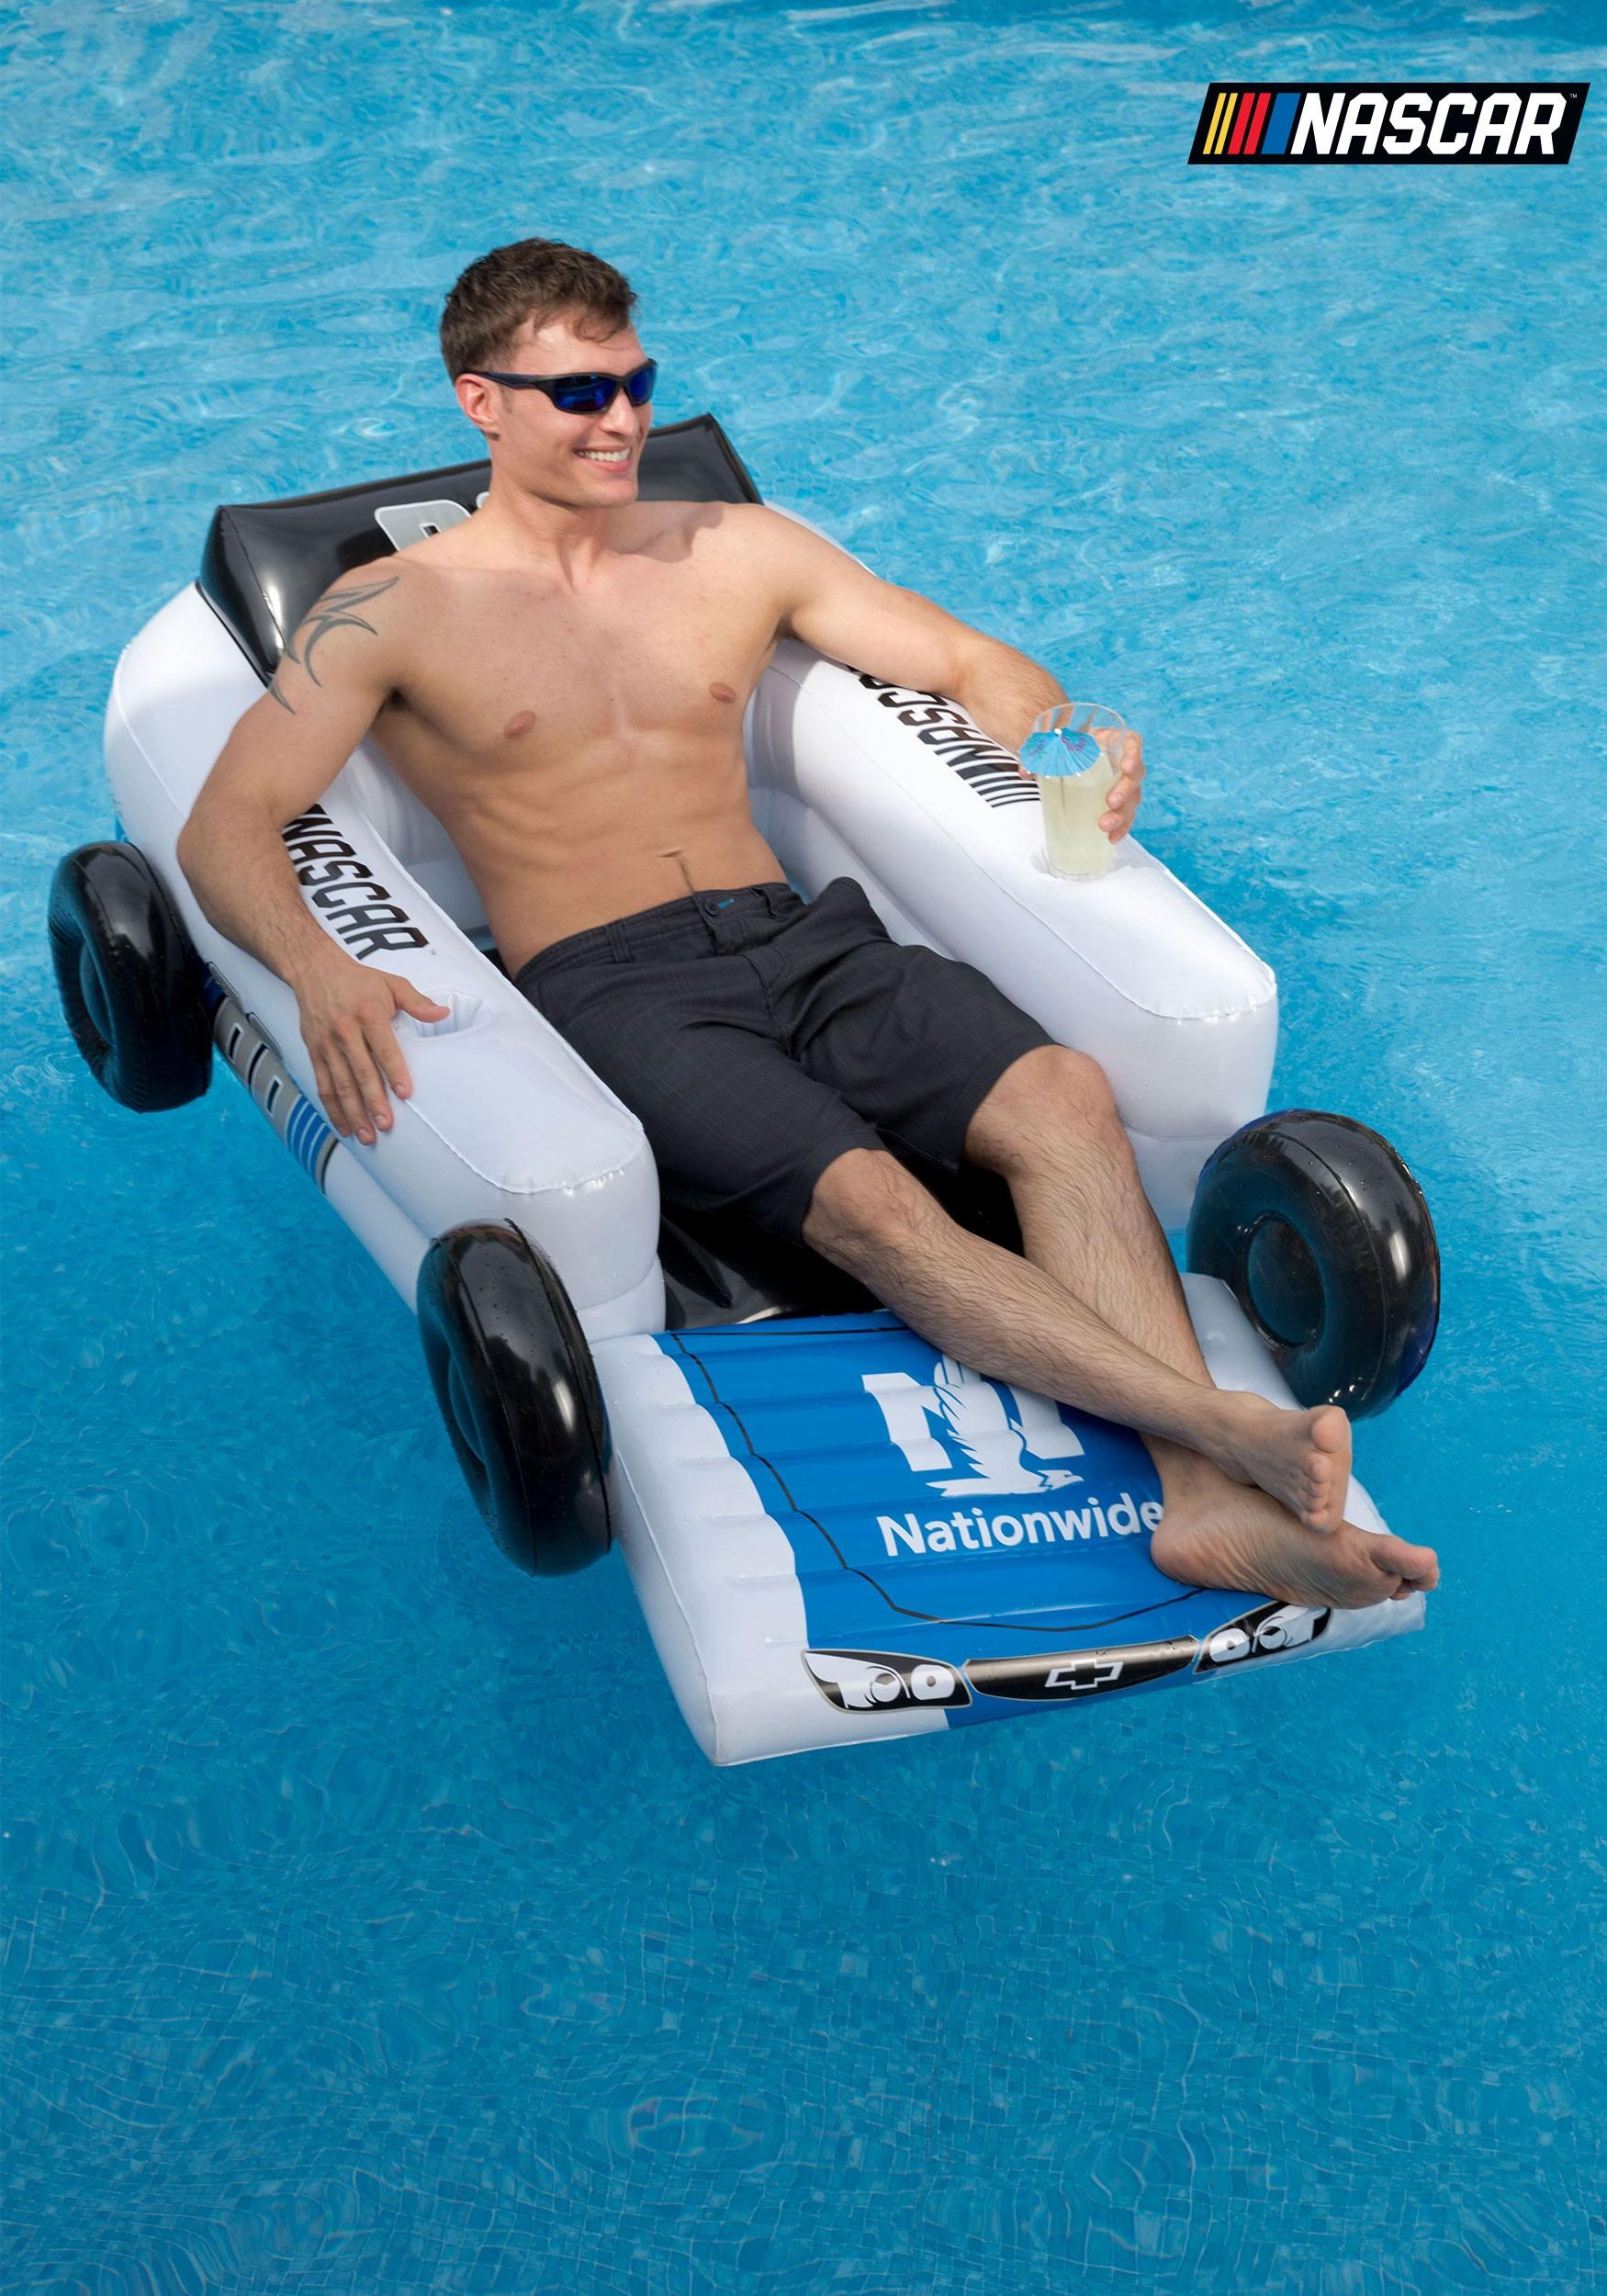 Superb NASCAR Dale Earnhardt Jr. Car Pool Float Lounger